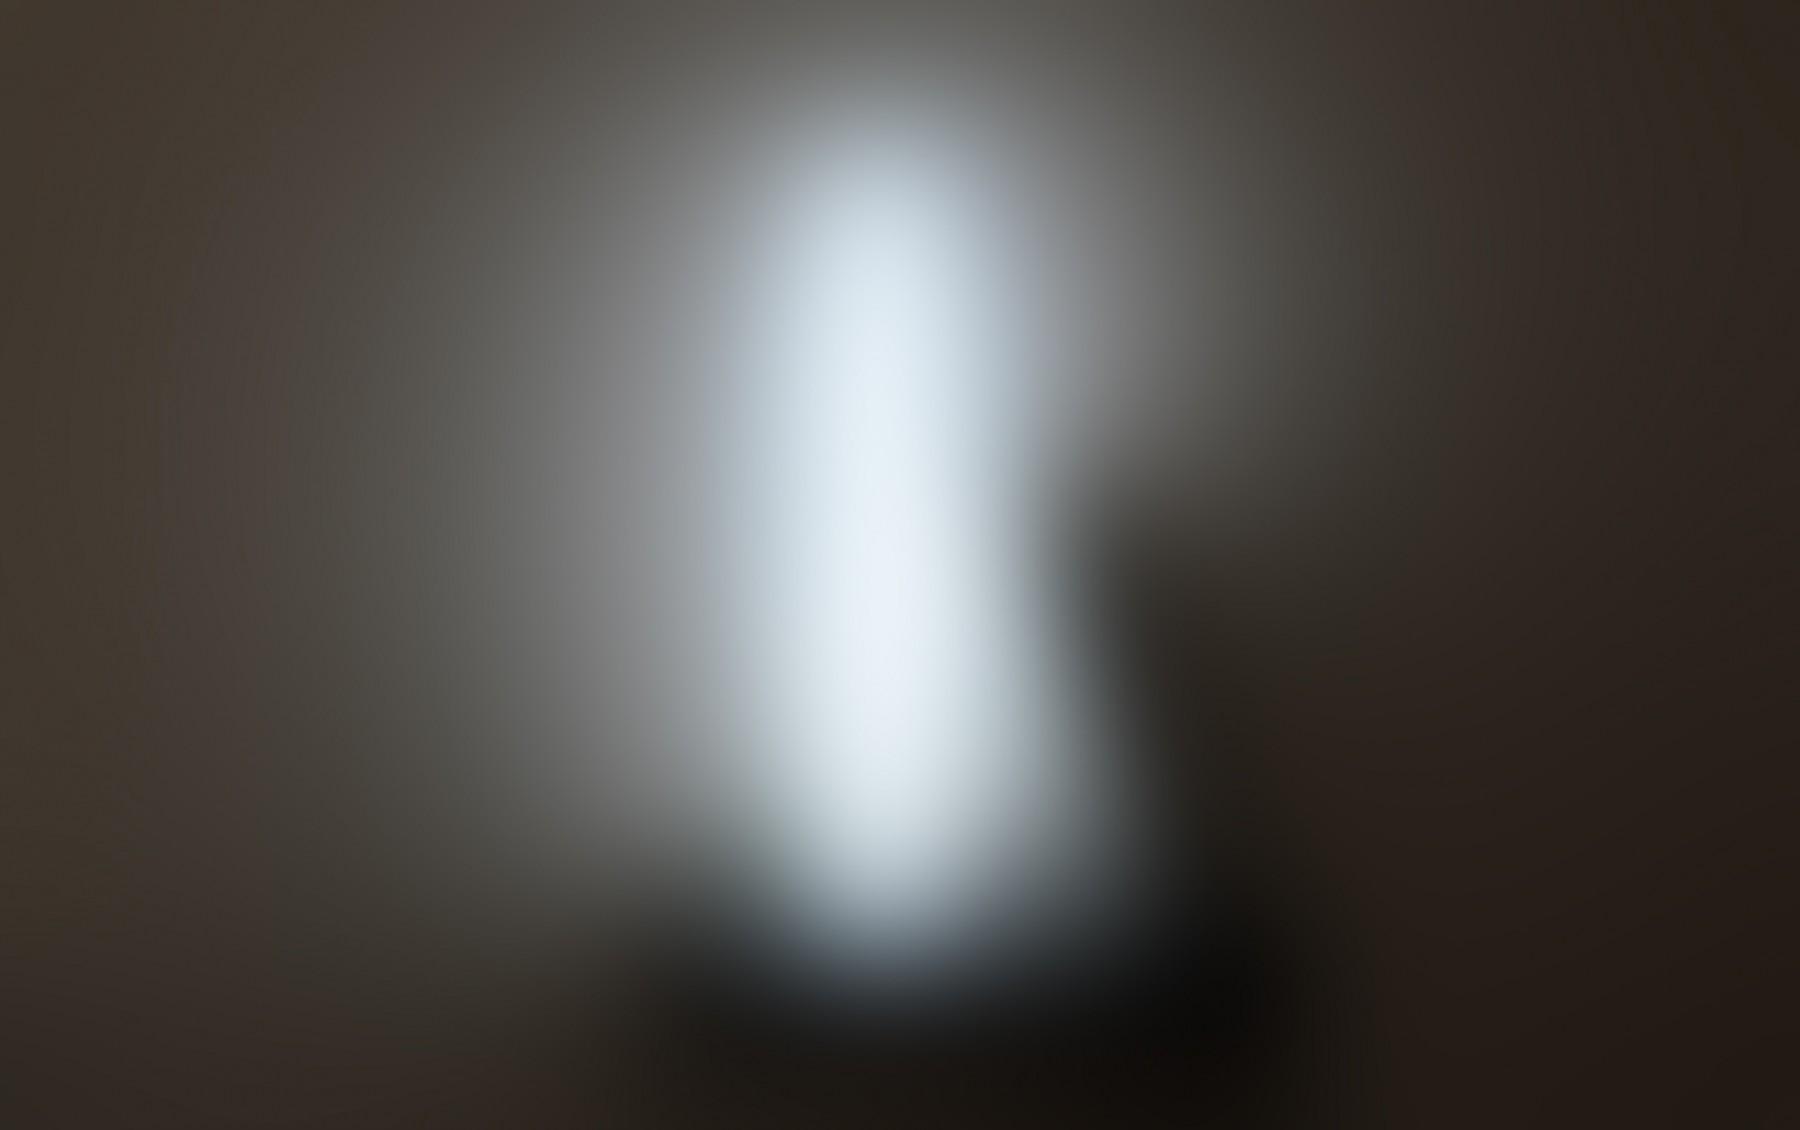 fosterlamp-by-mikhail-belyaev-1960x1230